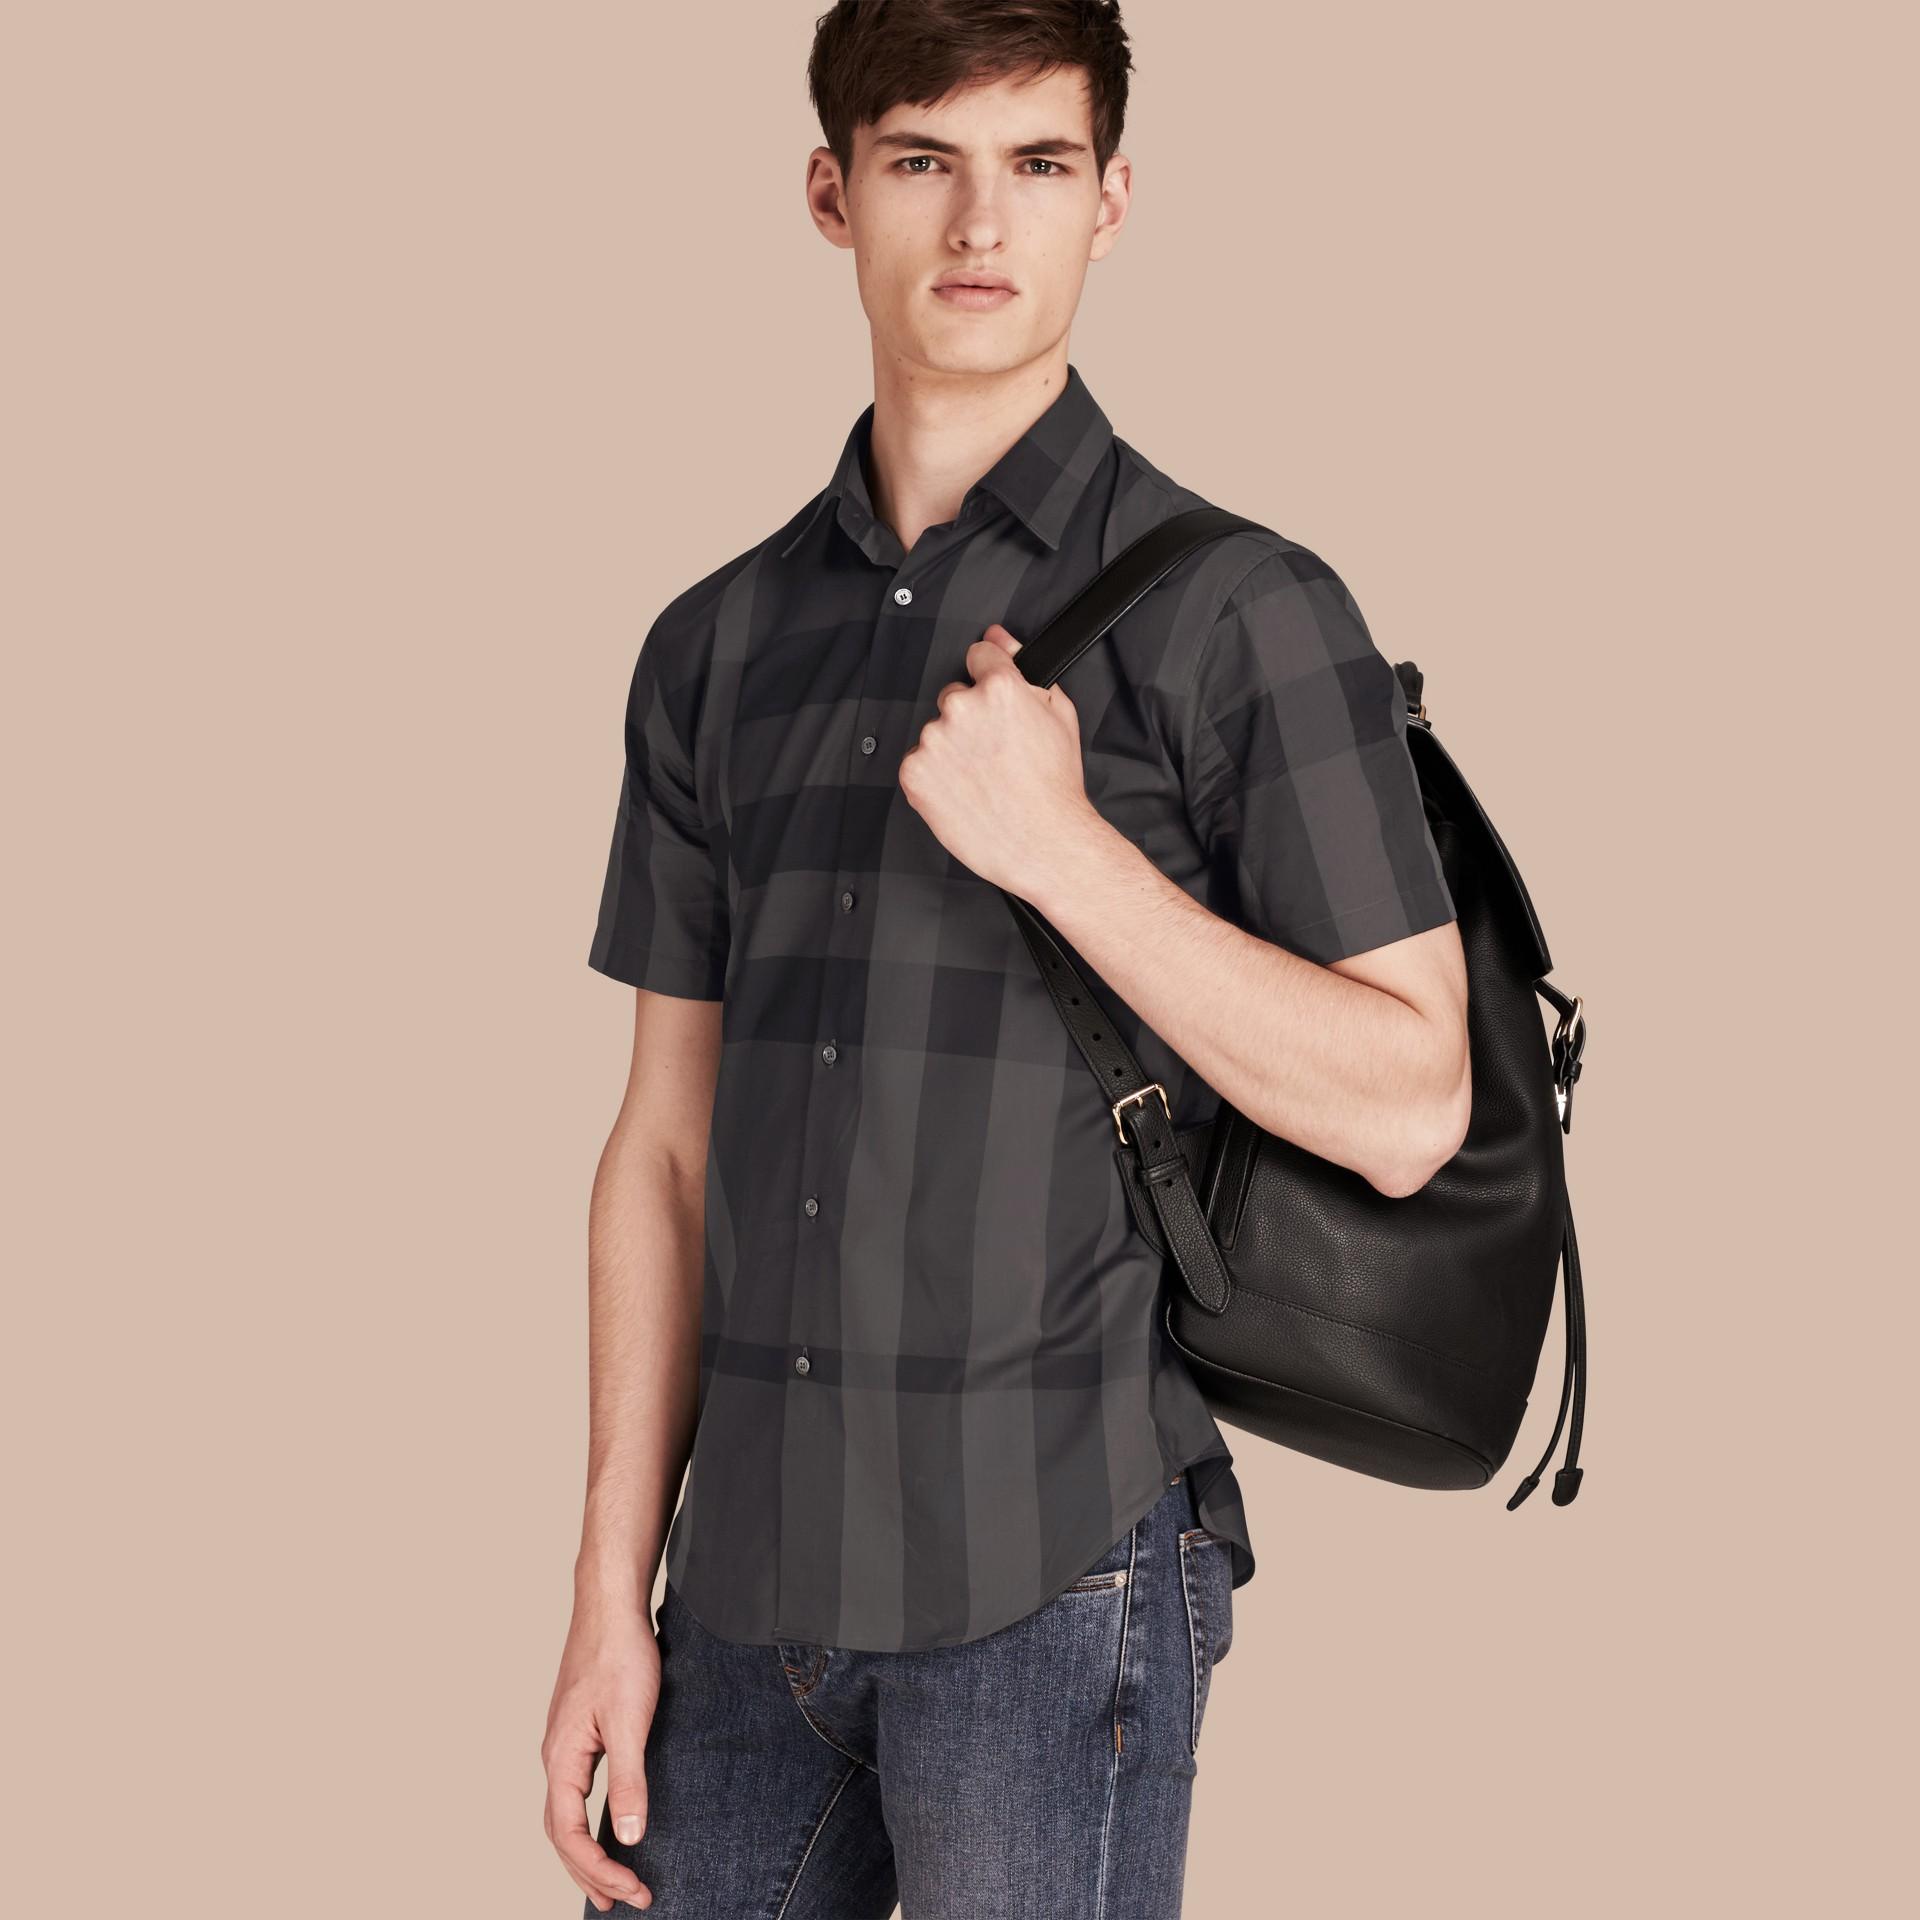 Charcoal Camisa de algodão com estampa xadrez e mangas curtas Charcoal - galeria de imagens 1